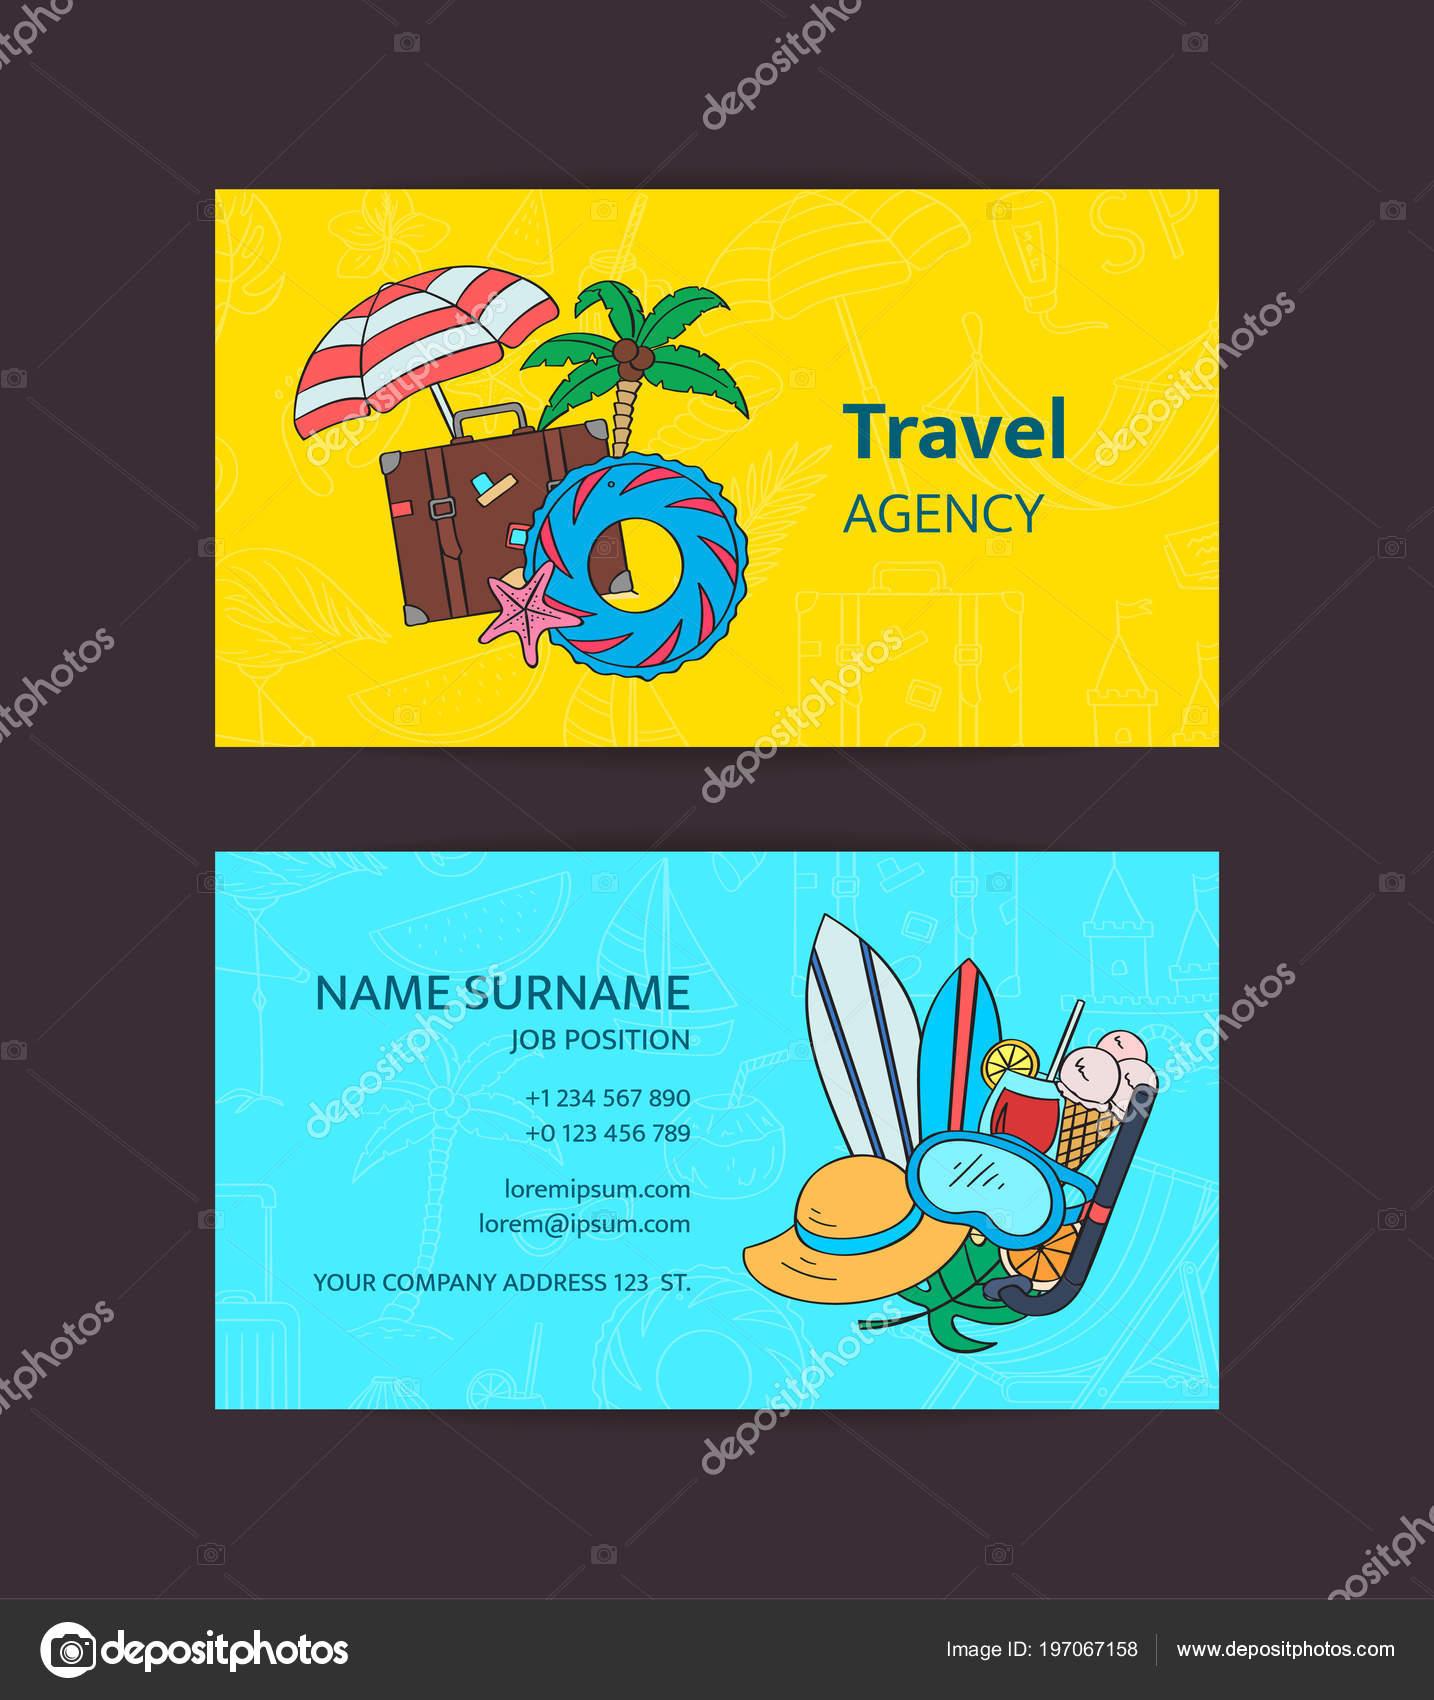 Voyage Estival Vecteur Doodle Elements Carte De Visite Modele Illustration Pour Agence Ou Plage Accessoires Boutique Stock